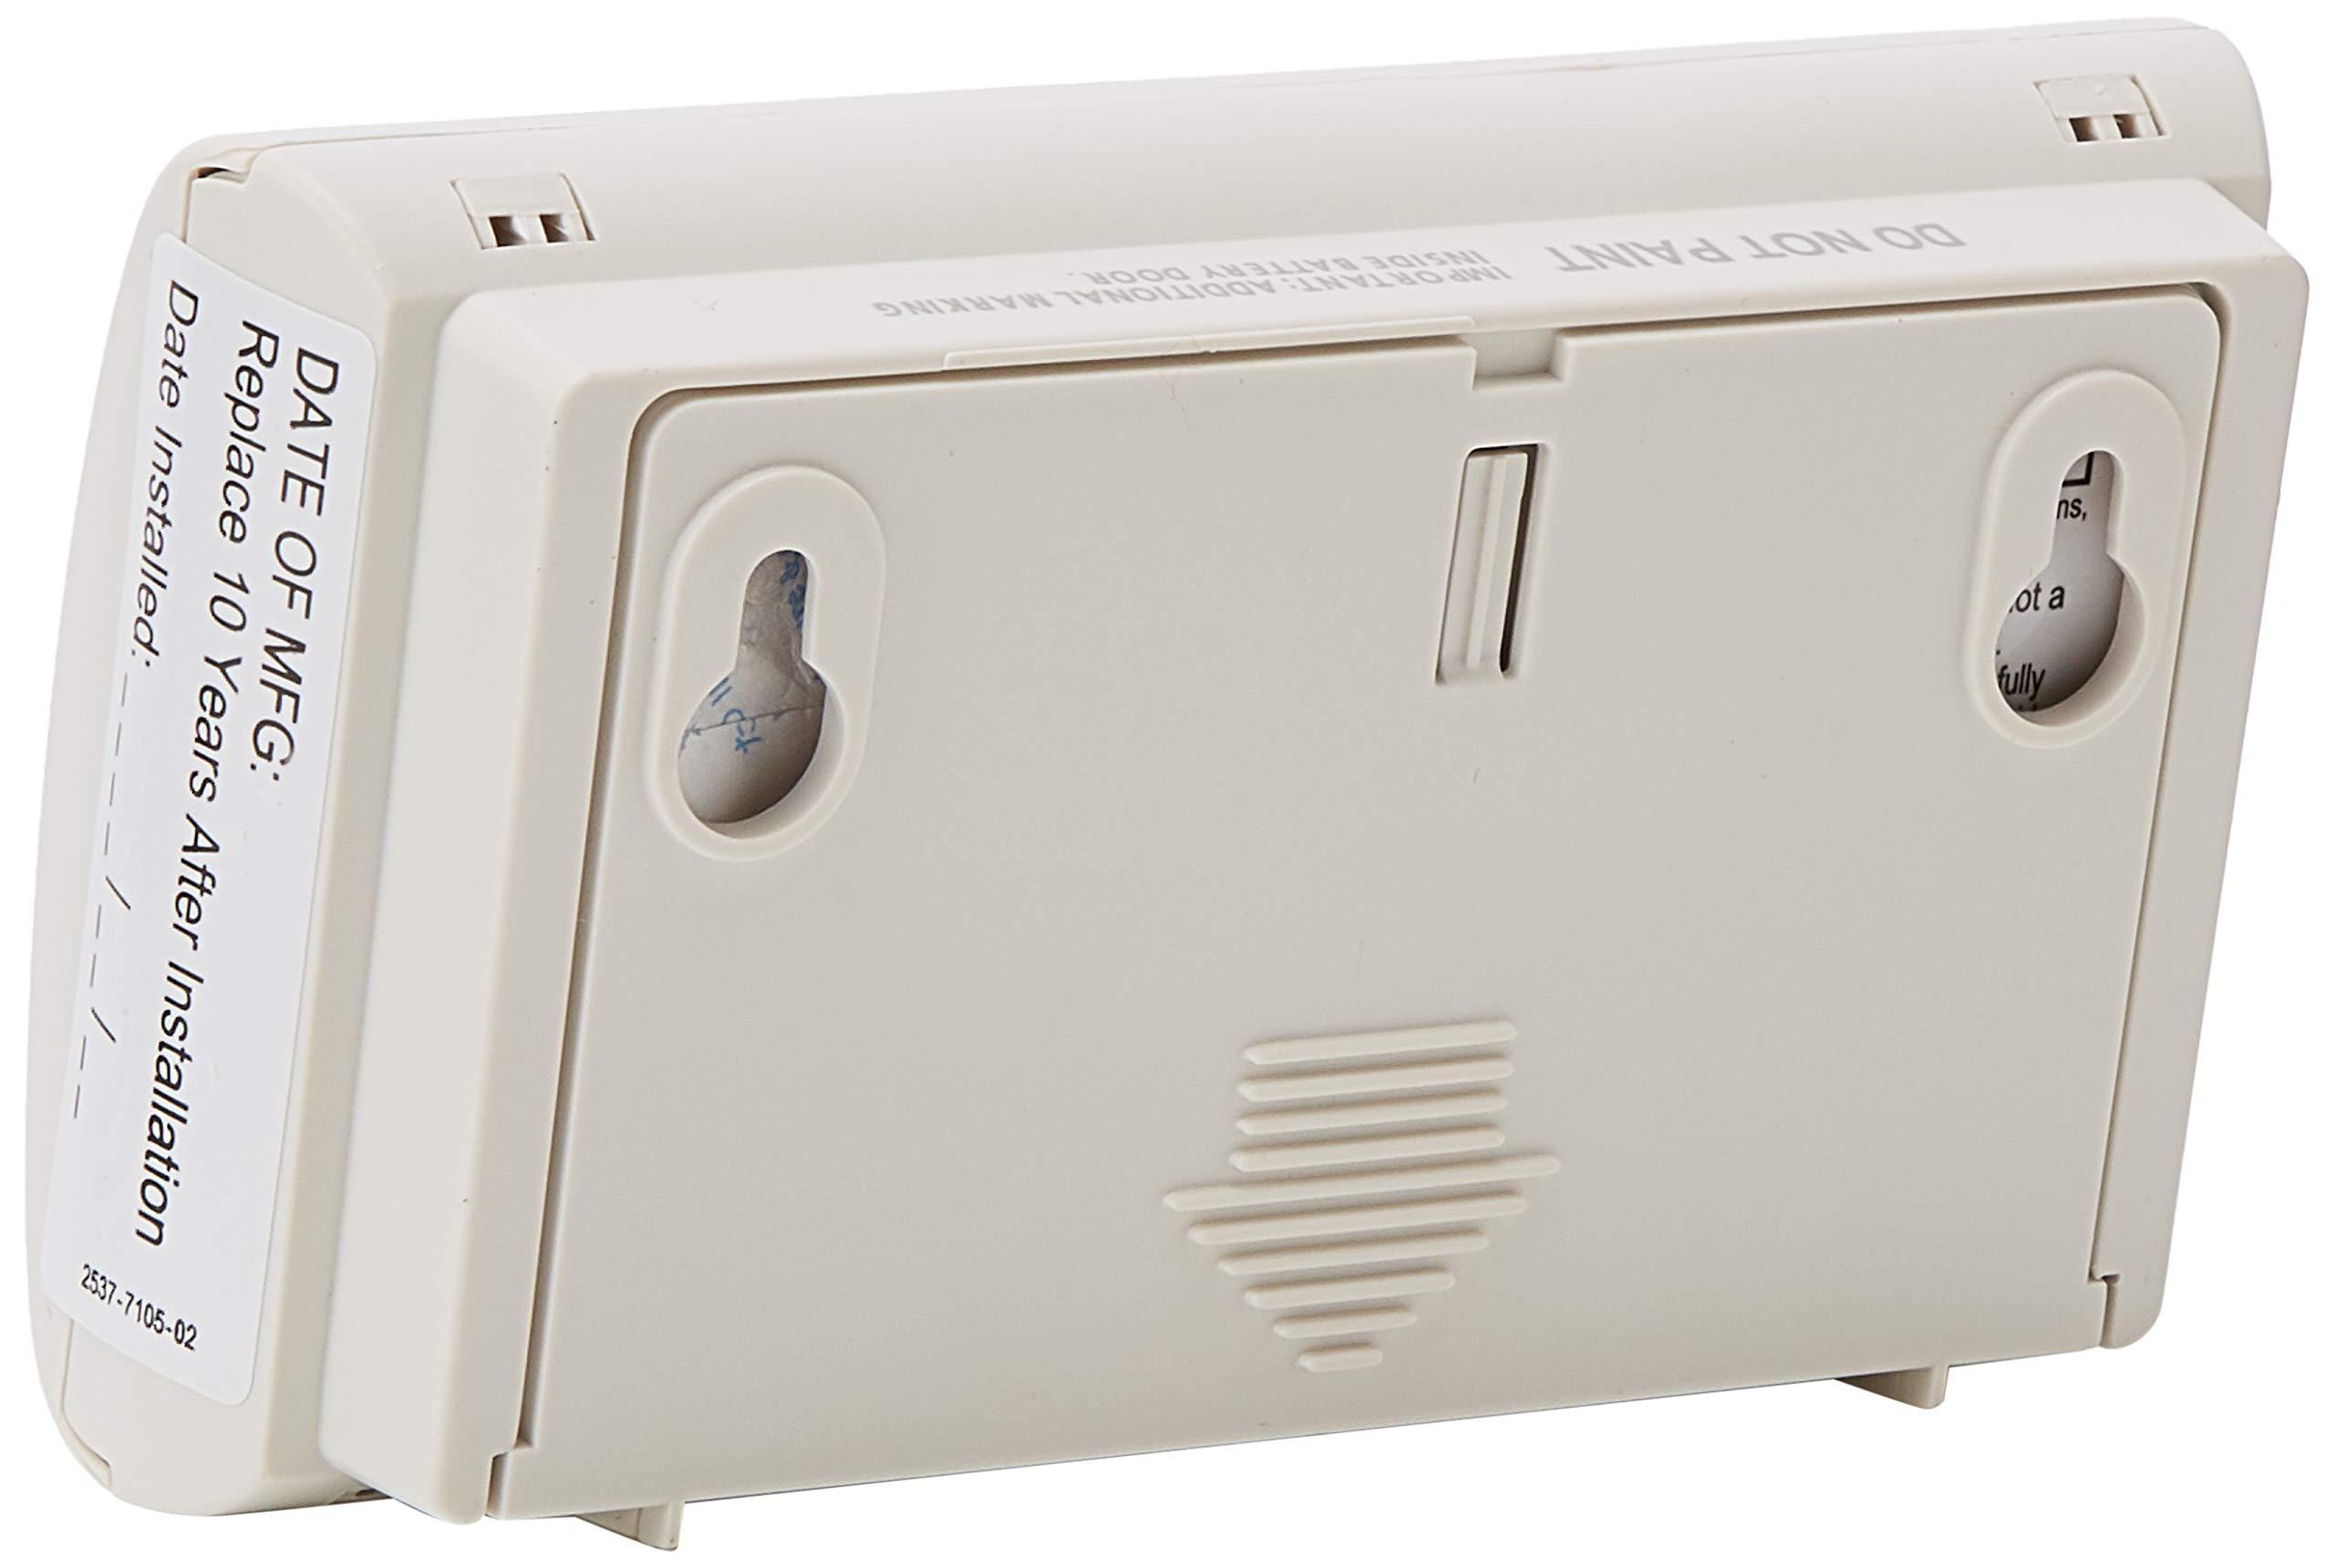 Kidde 7COC KID7COC Carbon Monoxide Alarm, White